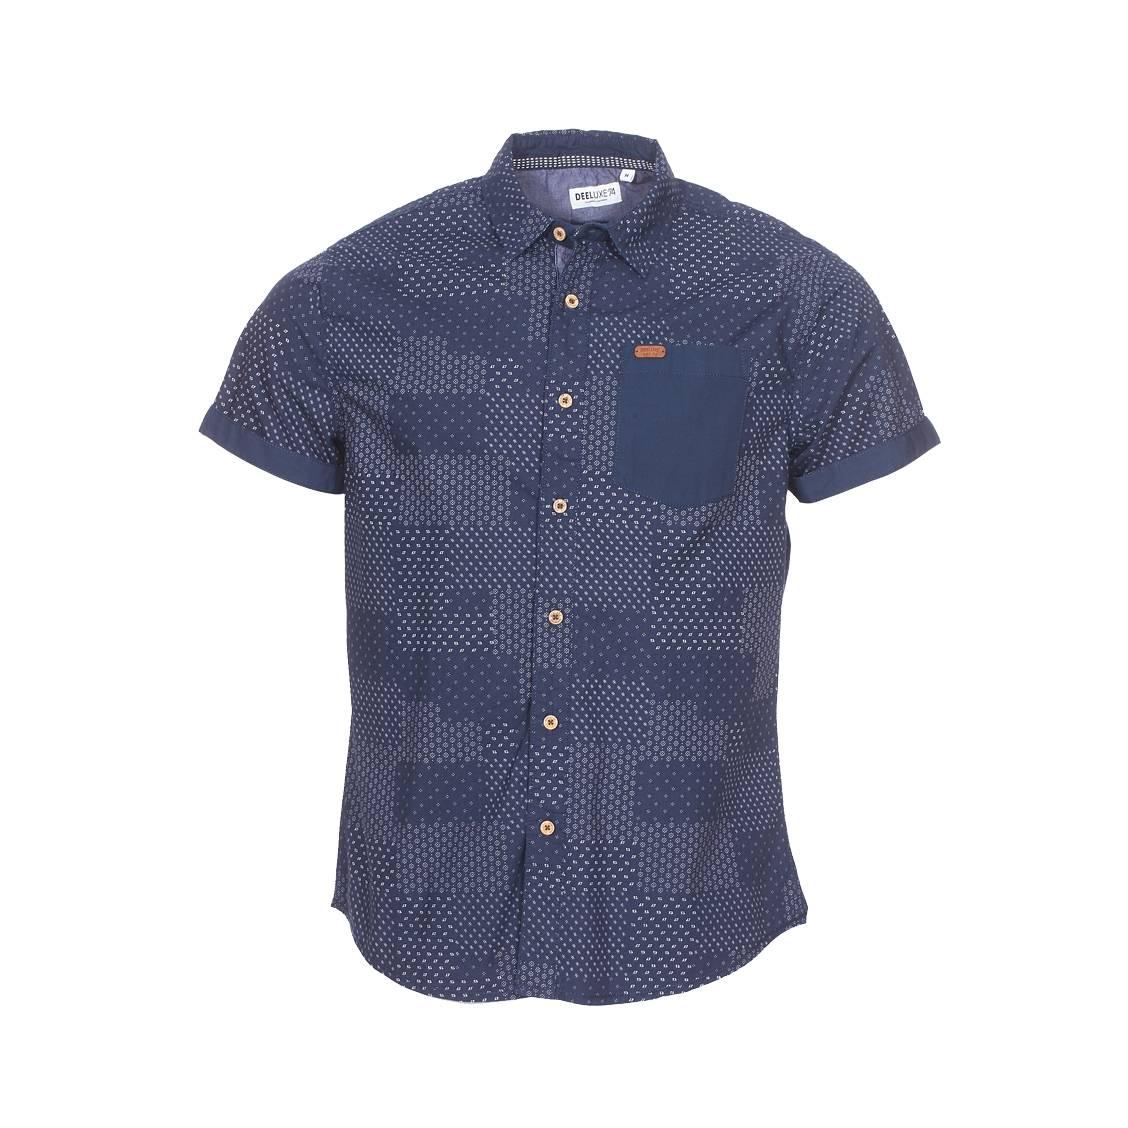 Chemise ajustée manches courtes Deeluxe Est. 74 Ethnic en coton bleu marine à motifs blancs